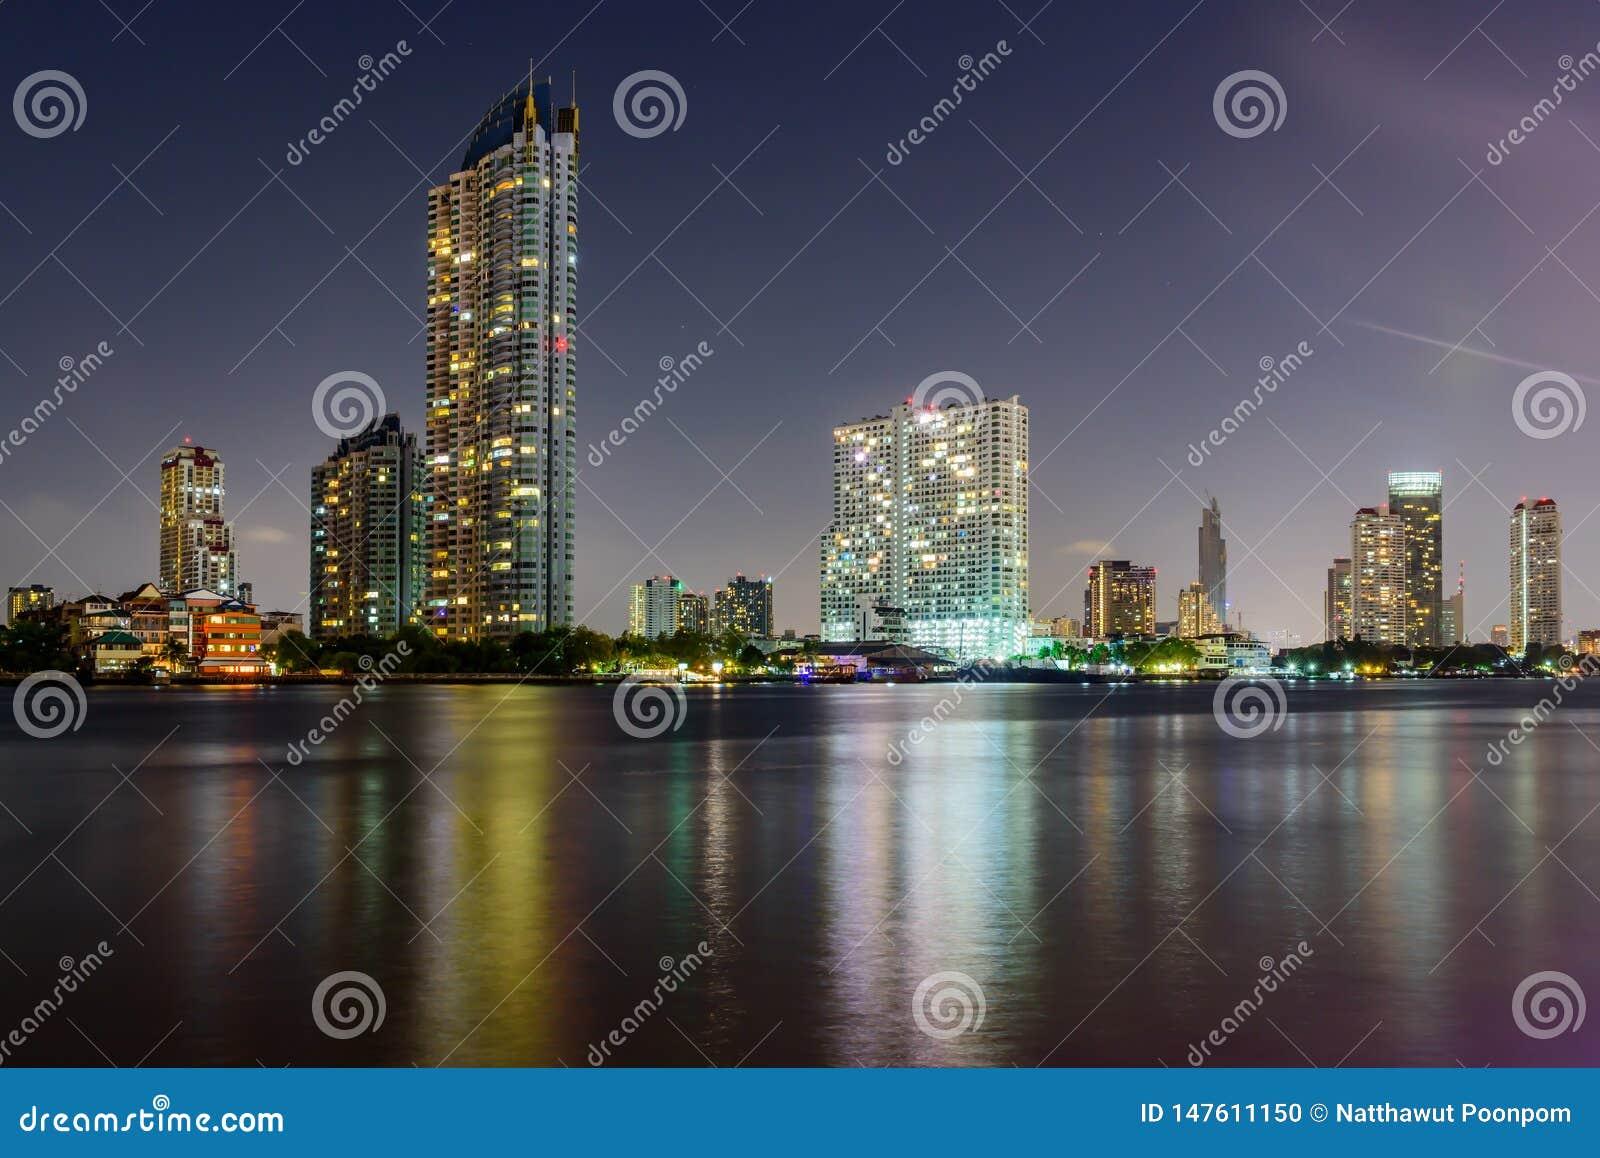 Grattacieli alla notte